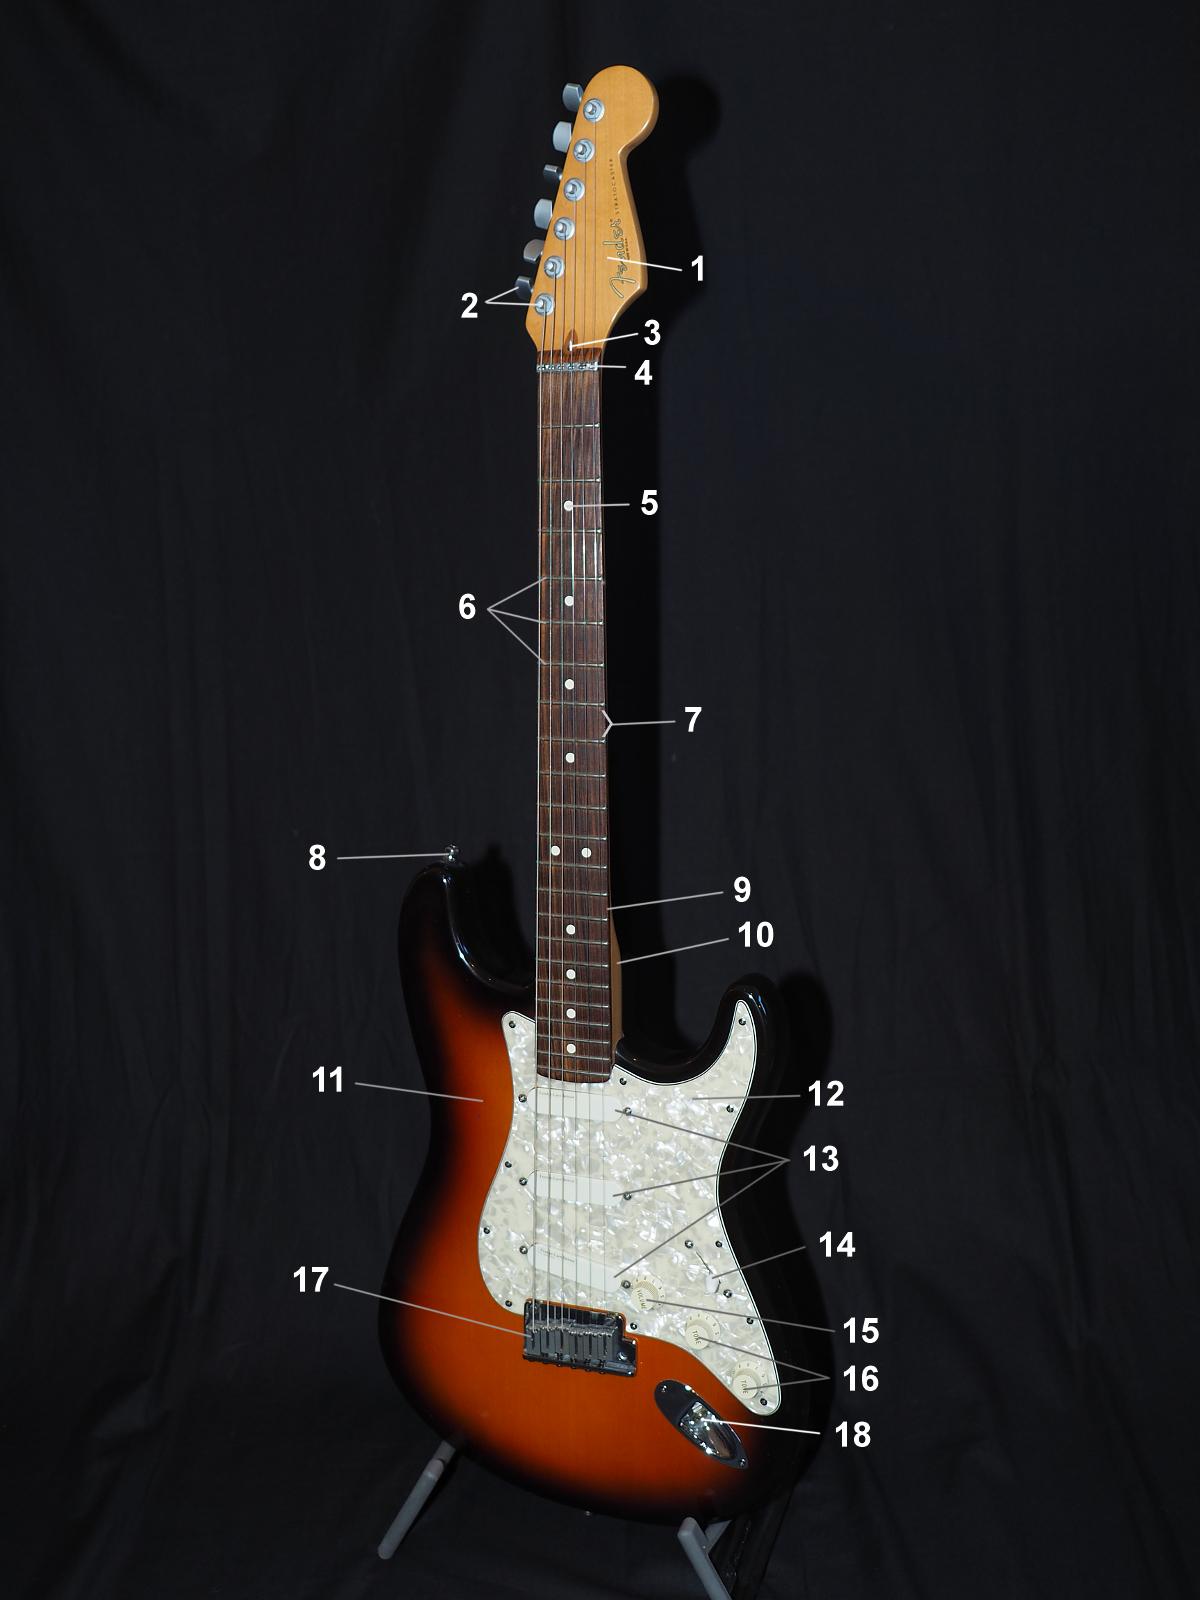 E-Gitarre Bezeichnungen